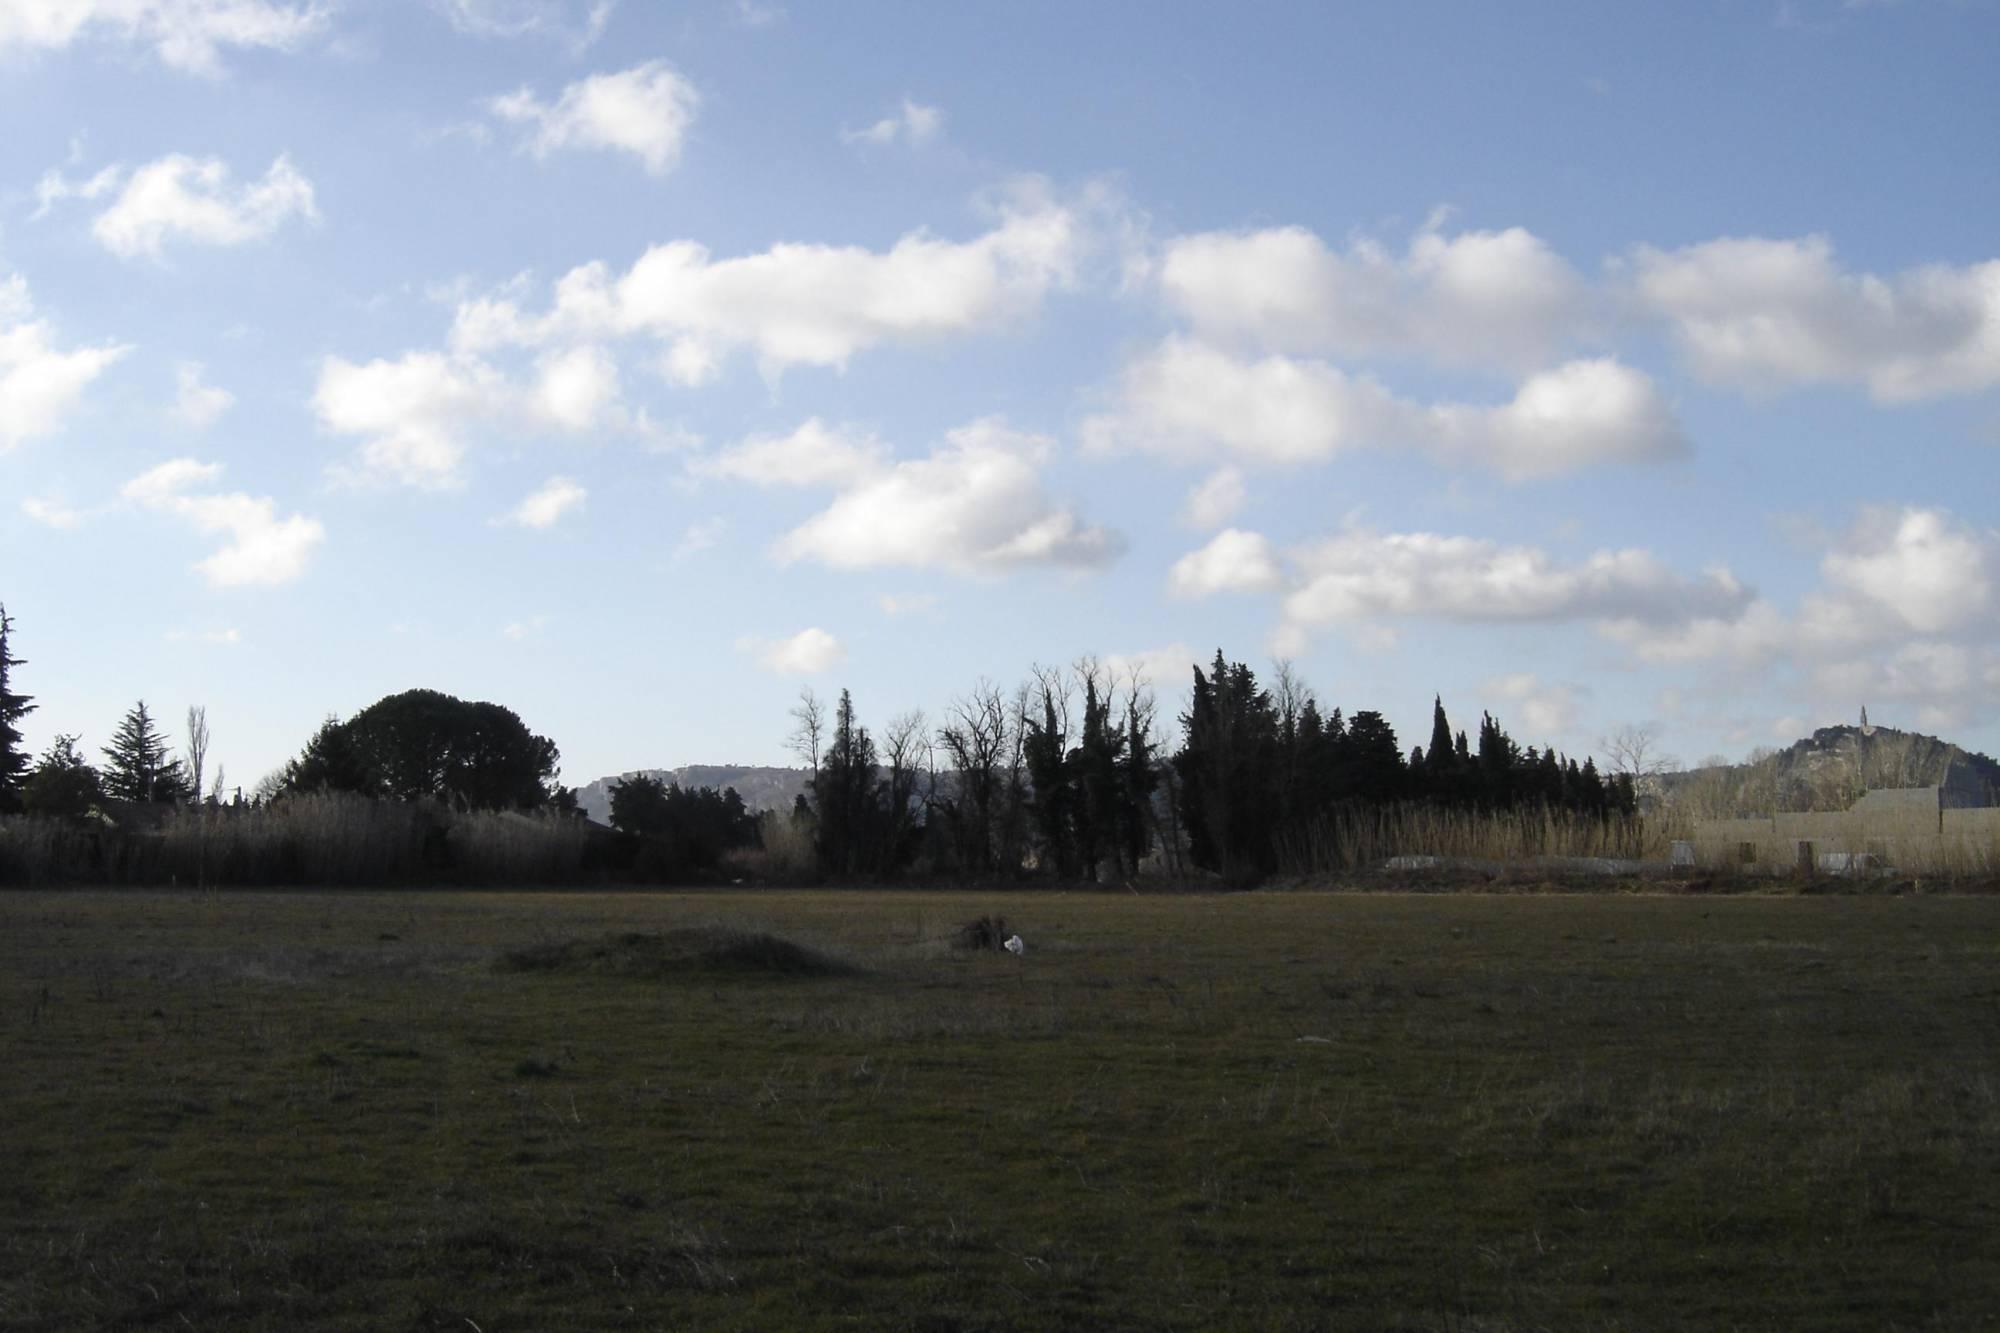 Cheval blanc 84460 vendre un terrain constructible de 600m2 proche commodit s azur logement - Terrain a vendre salon de provence ...